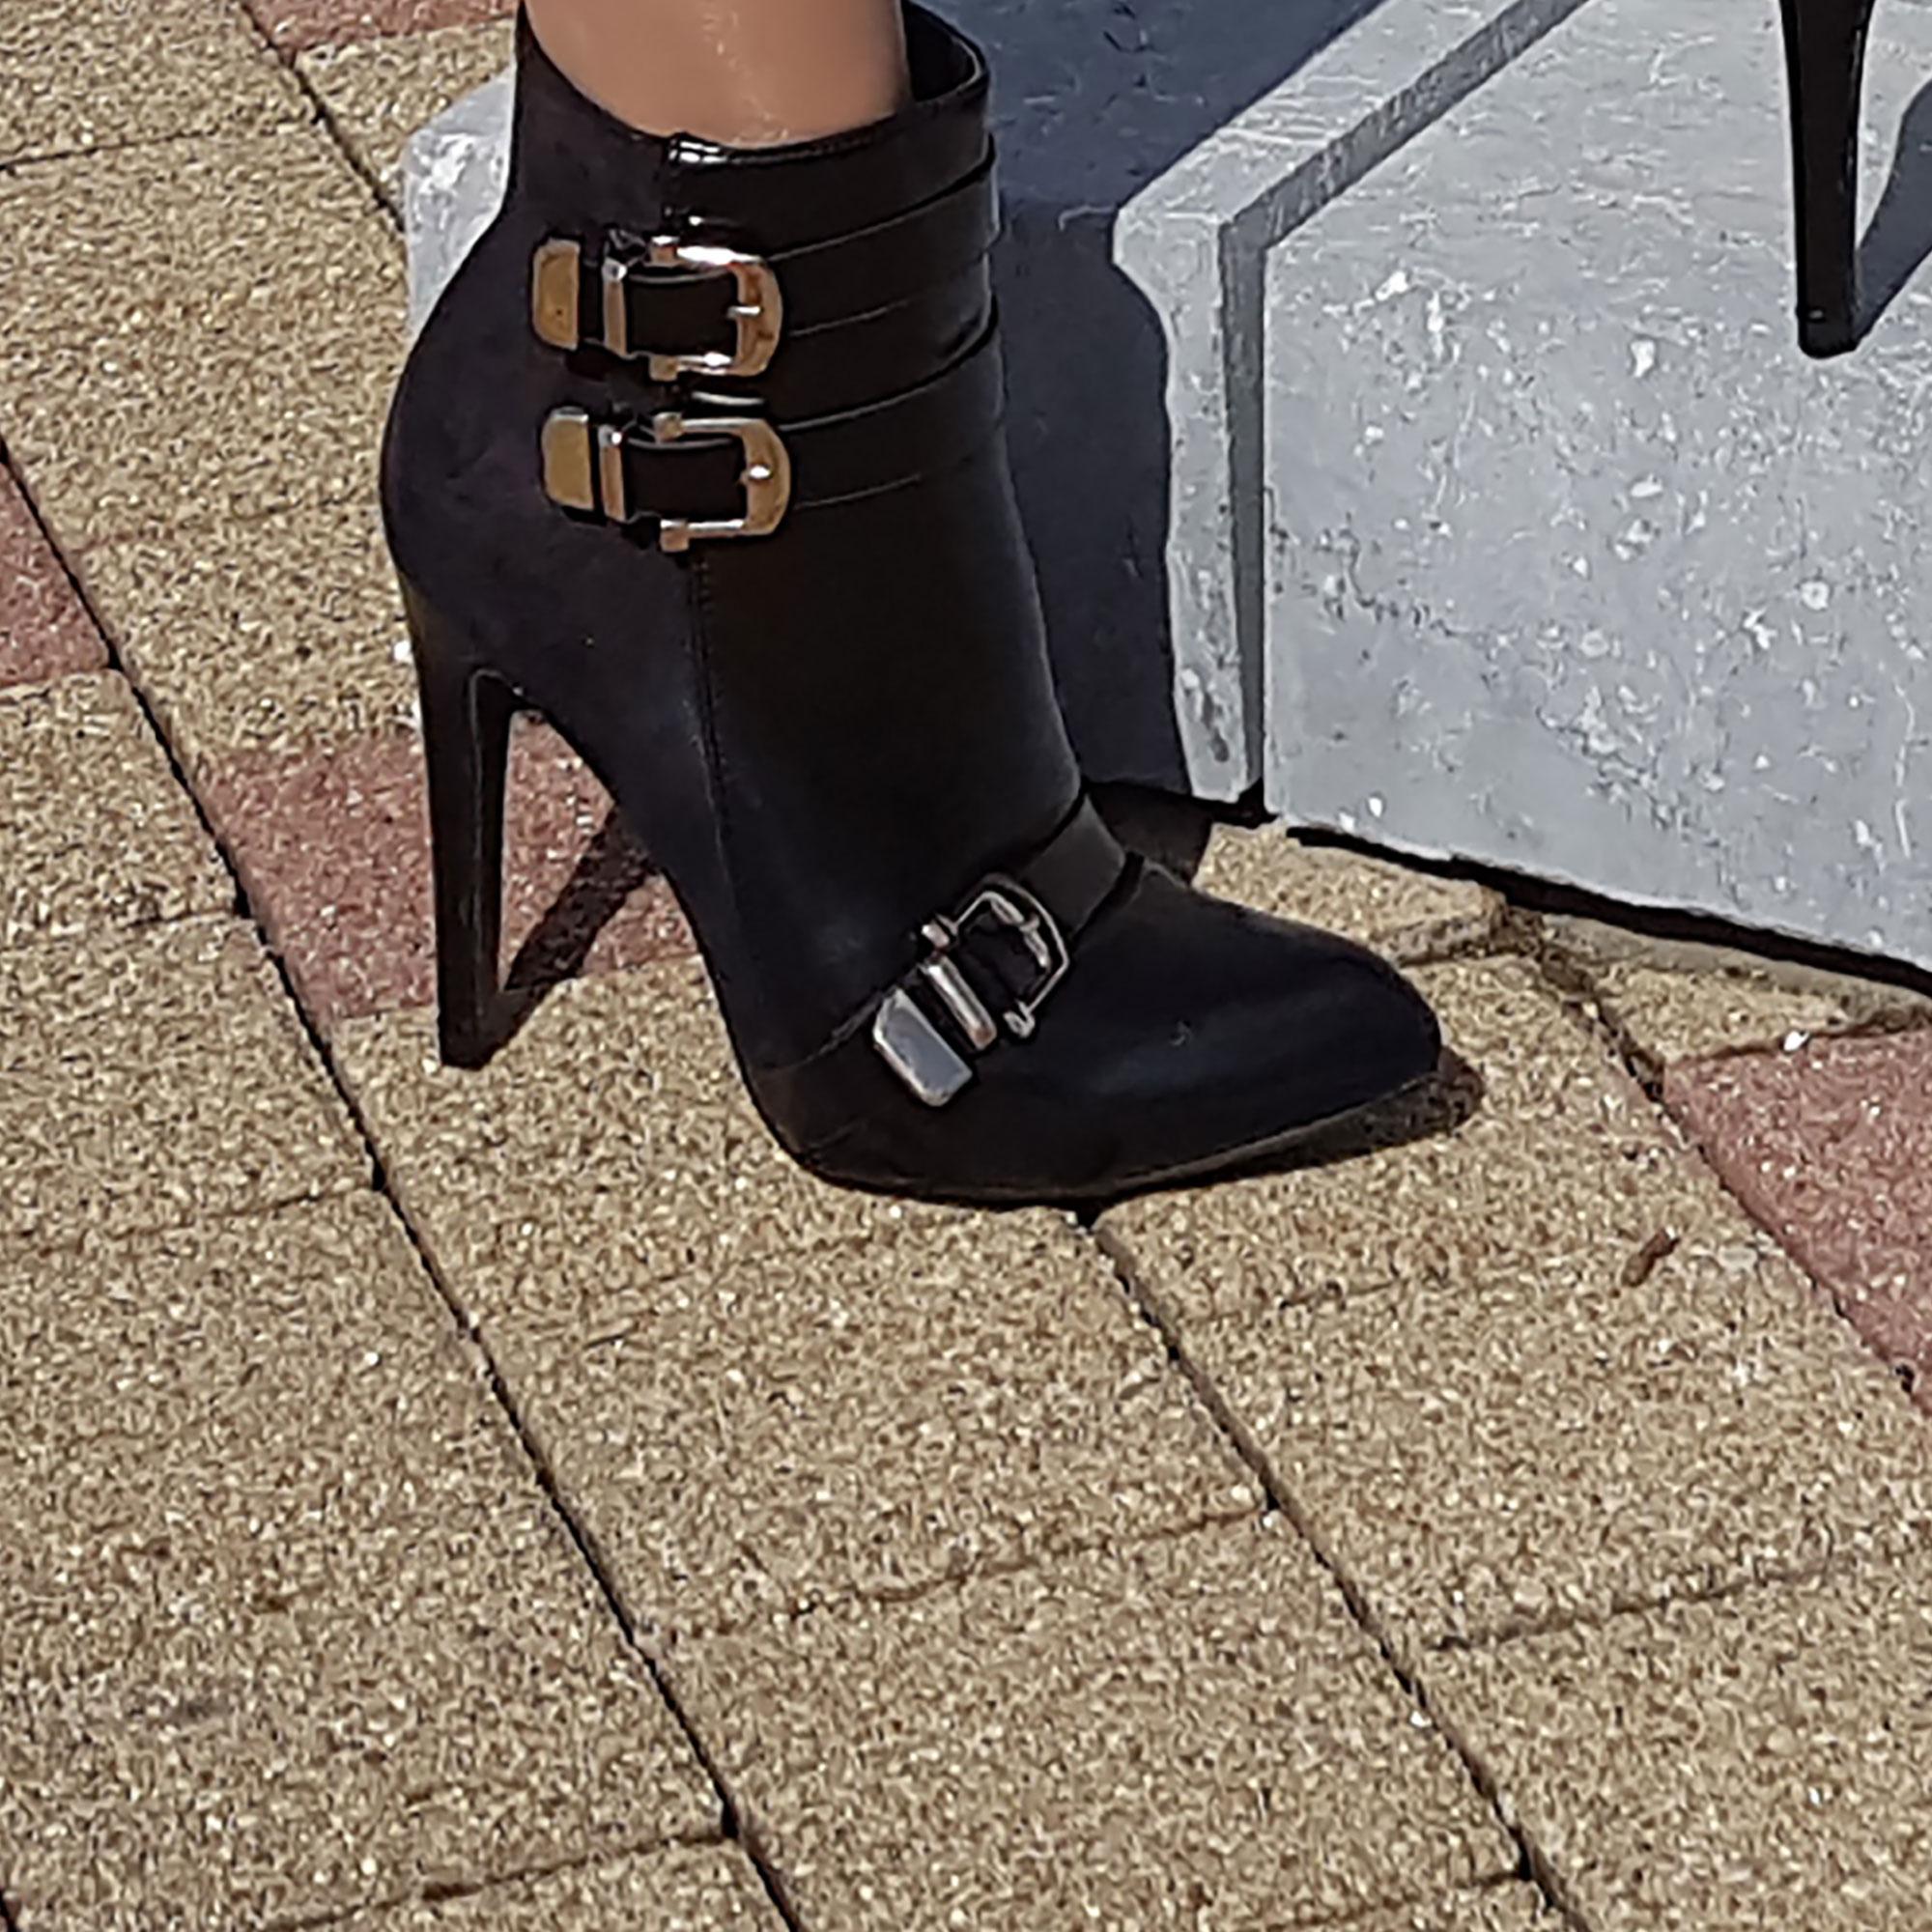 chaussures à talon la hauteur idéale pour marcher